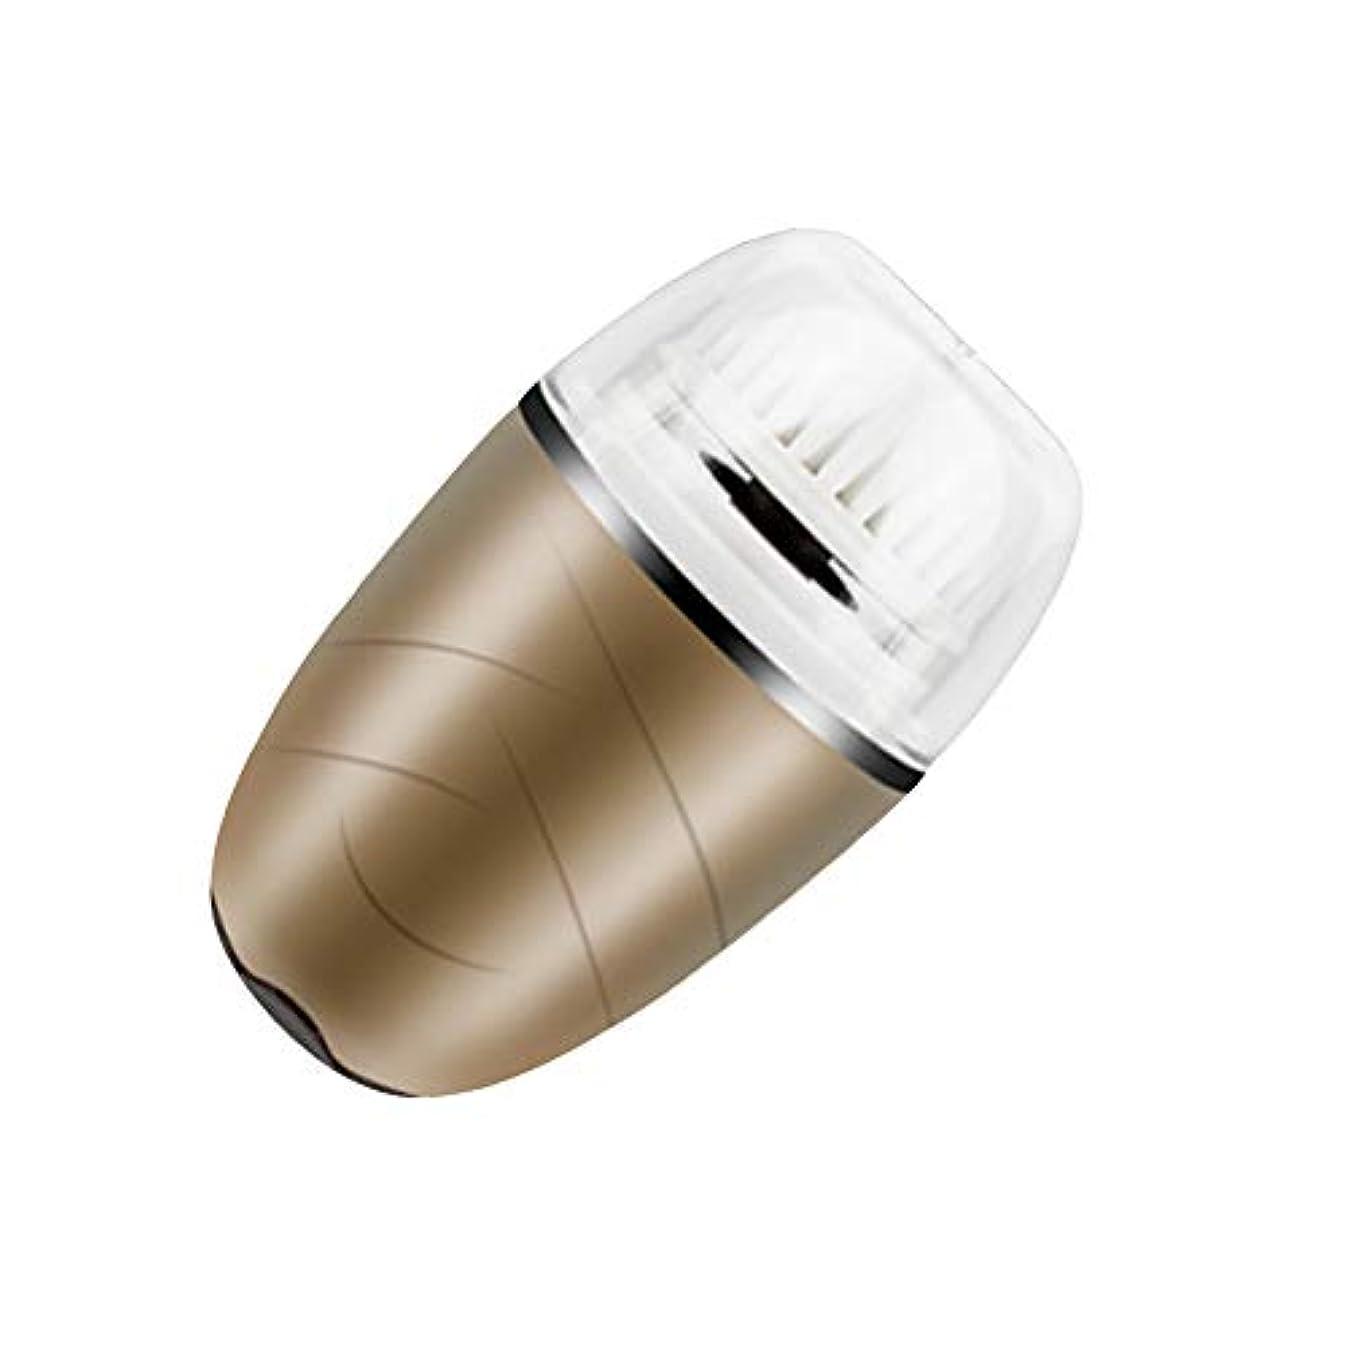 硬化するイライラする木洗顔ブラシ、電動ソニックフェイスブラシ振動顔クレンジングシステム防水ブラシにきびエクスフォリエーター USB 充電式,Gold